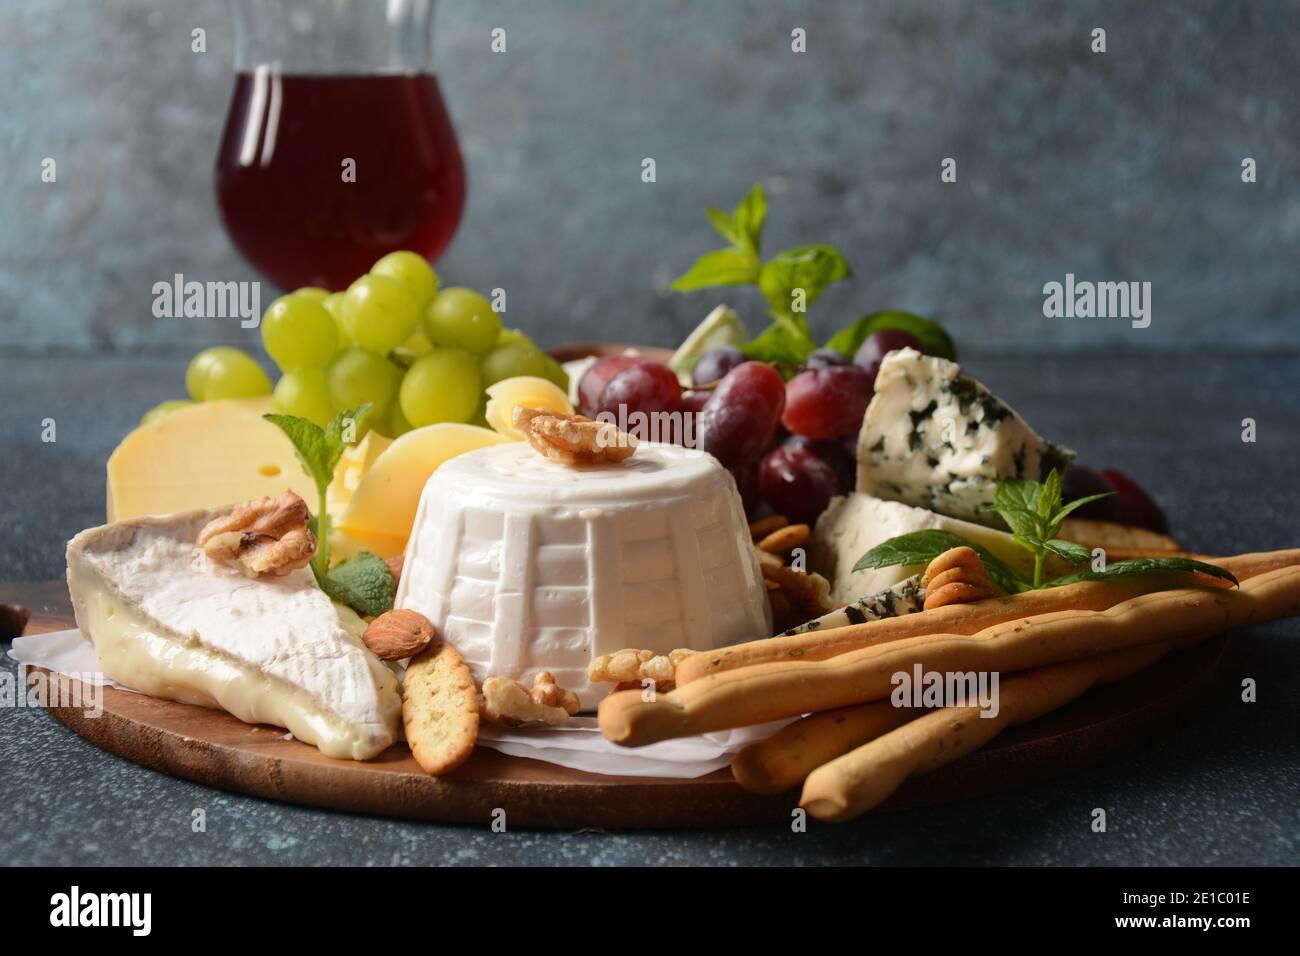 Plateau de fromages avec assortiment de fromages, raisins, noix et en-cas. Entrée au fromage français et italien. Concept traditionnel Shavuot Jewish Holiday Food Banque D'Images